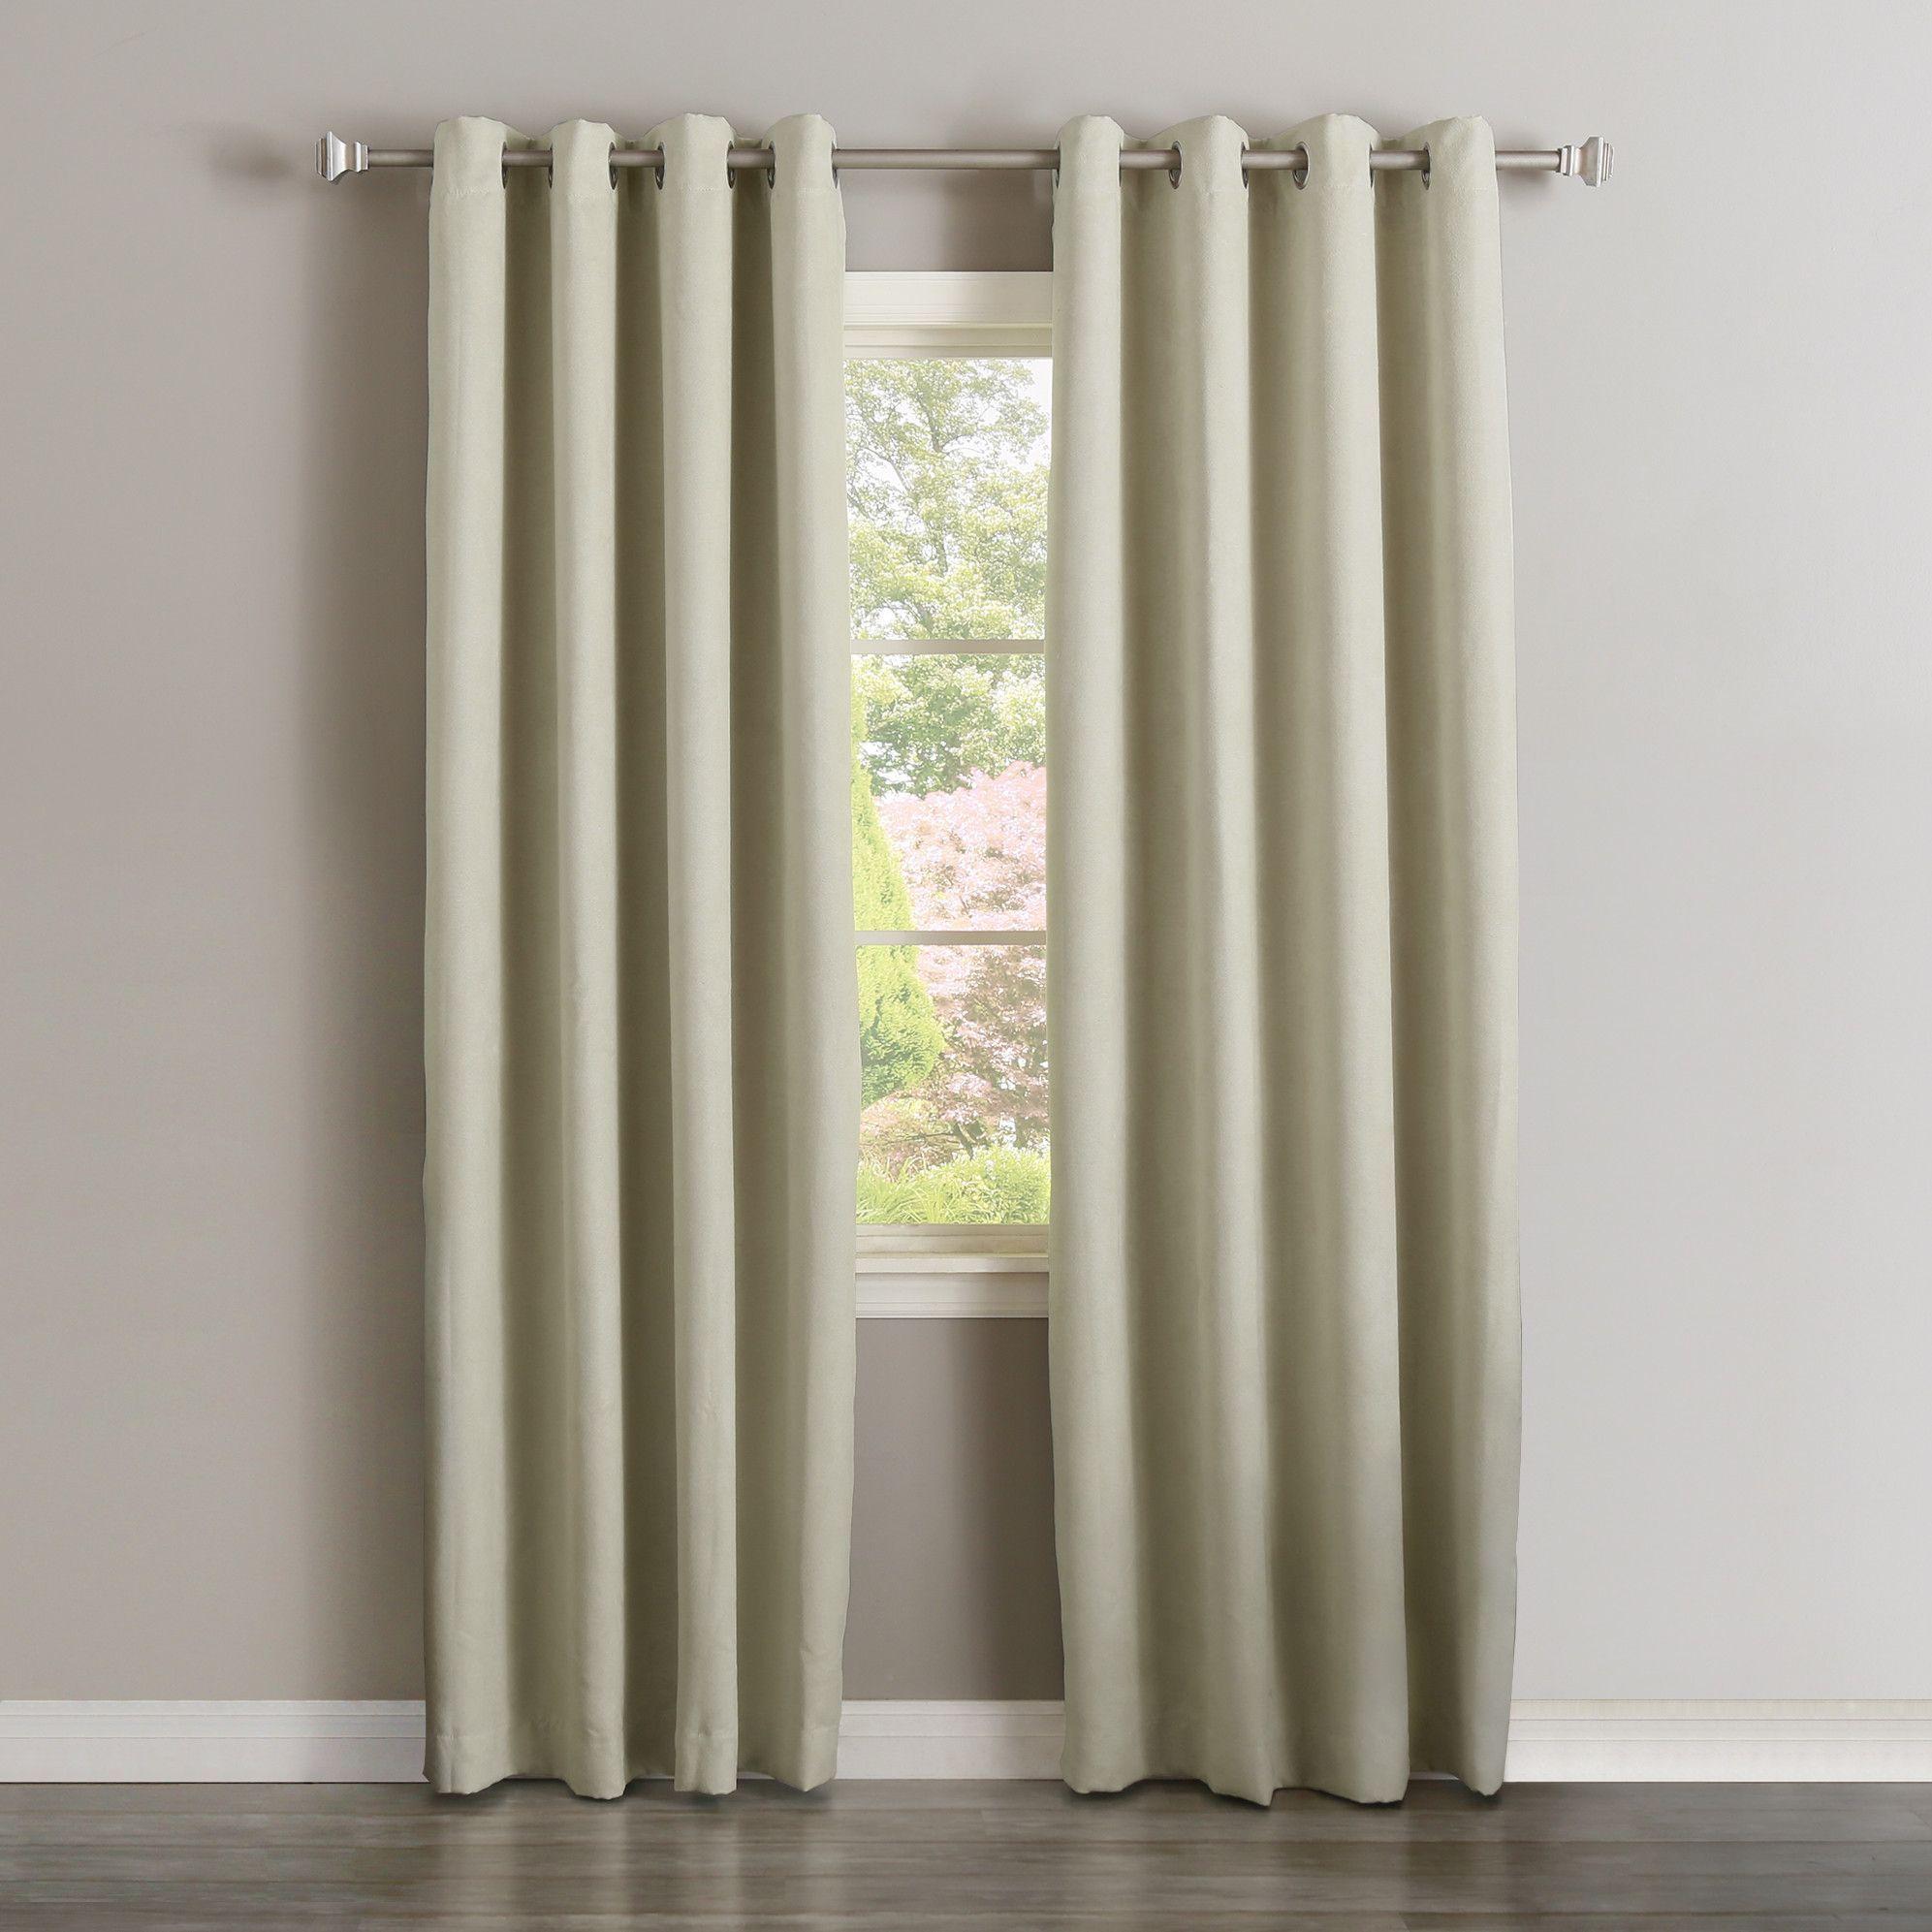 Jack faux suede blackout curtain panels best blackout curtains